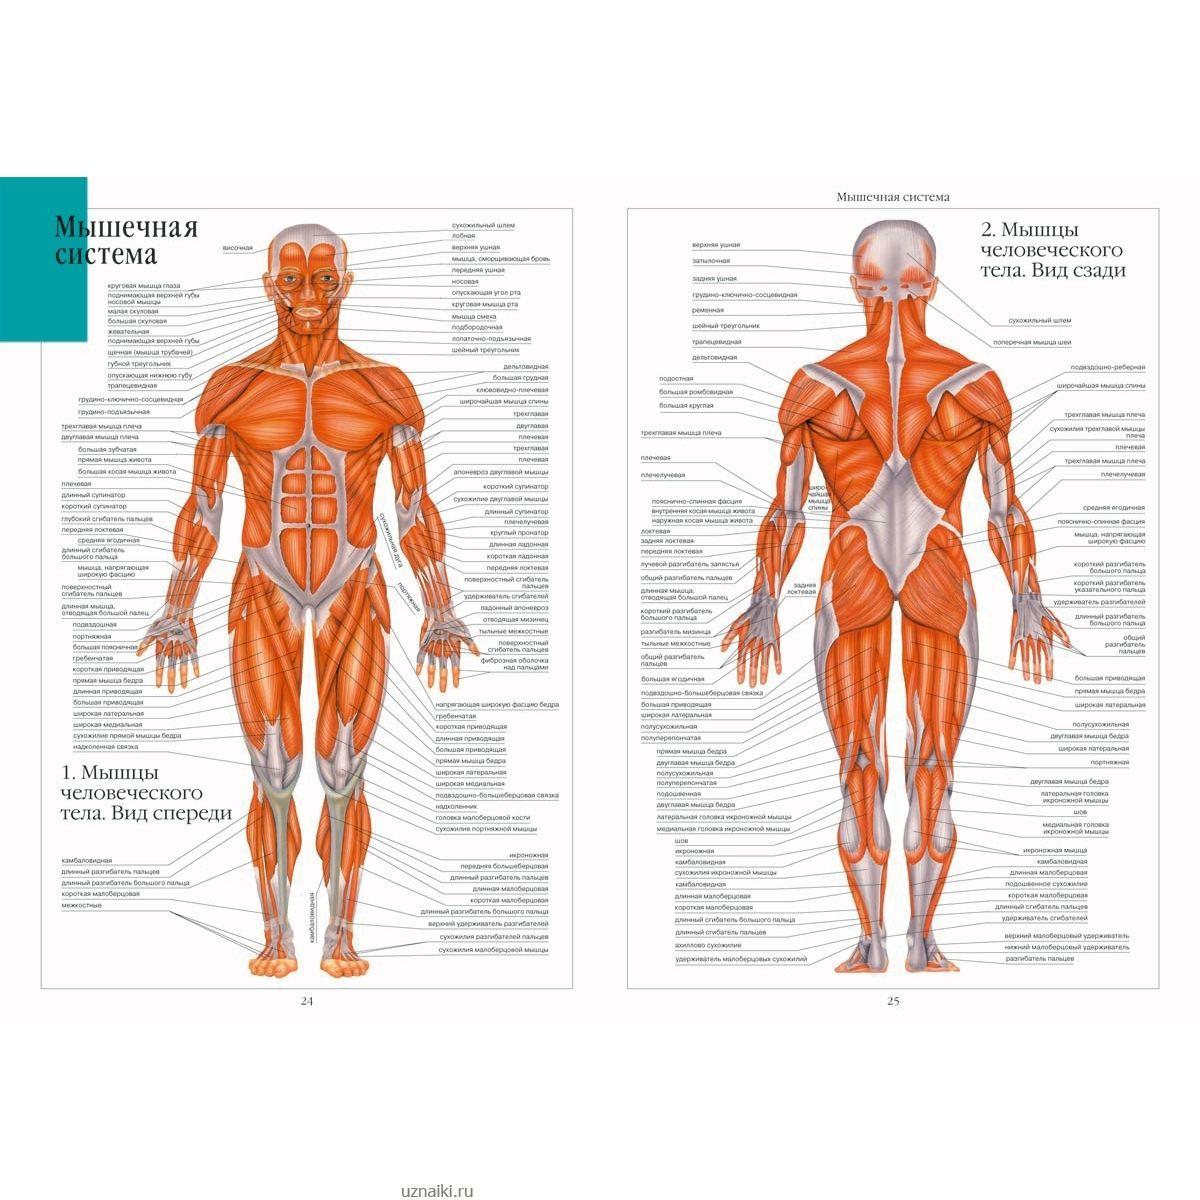 Уроки анатомии собственного тела в hd 5 фотография